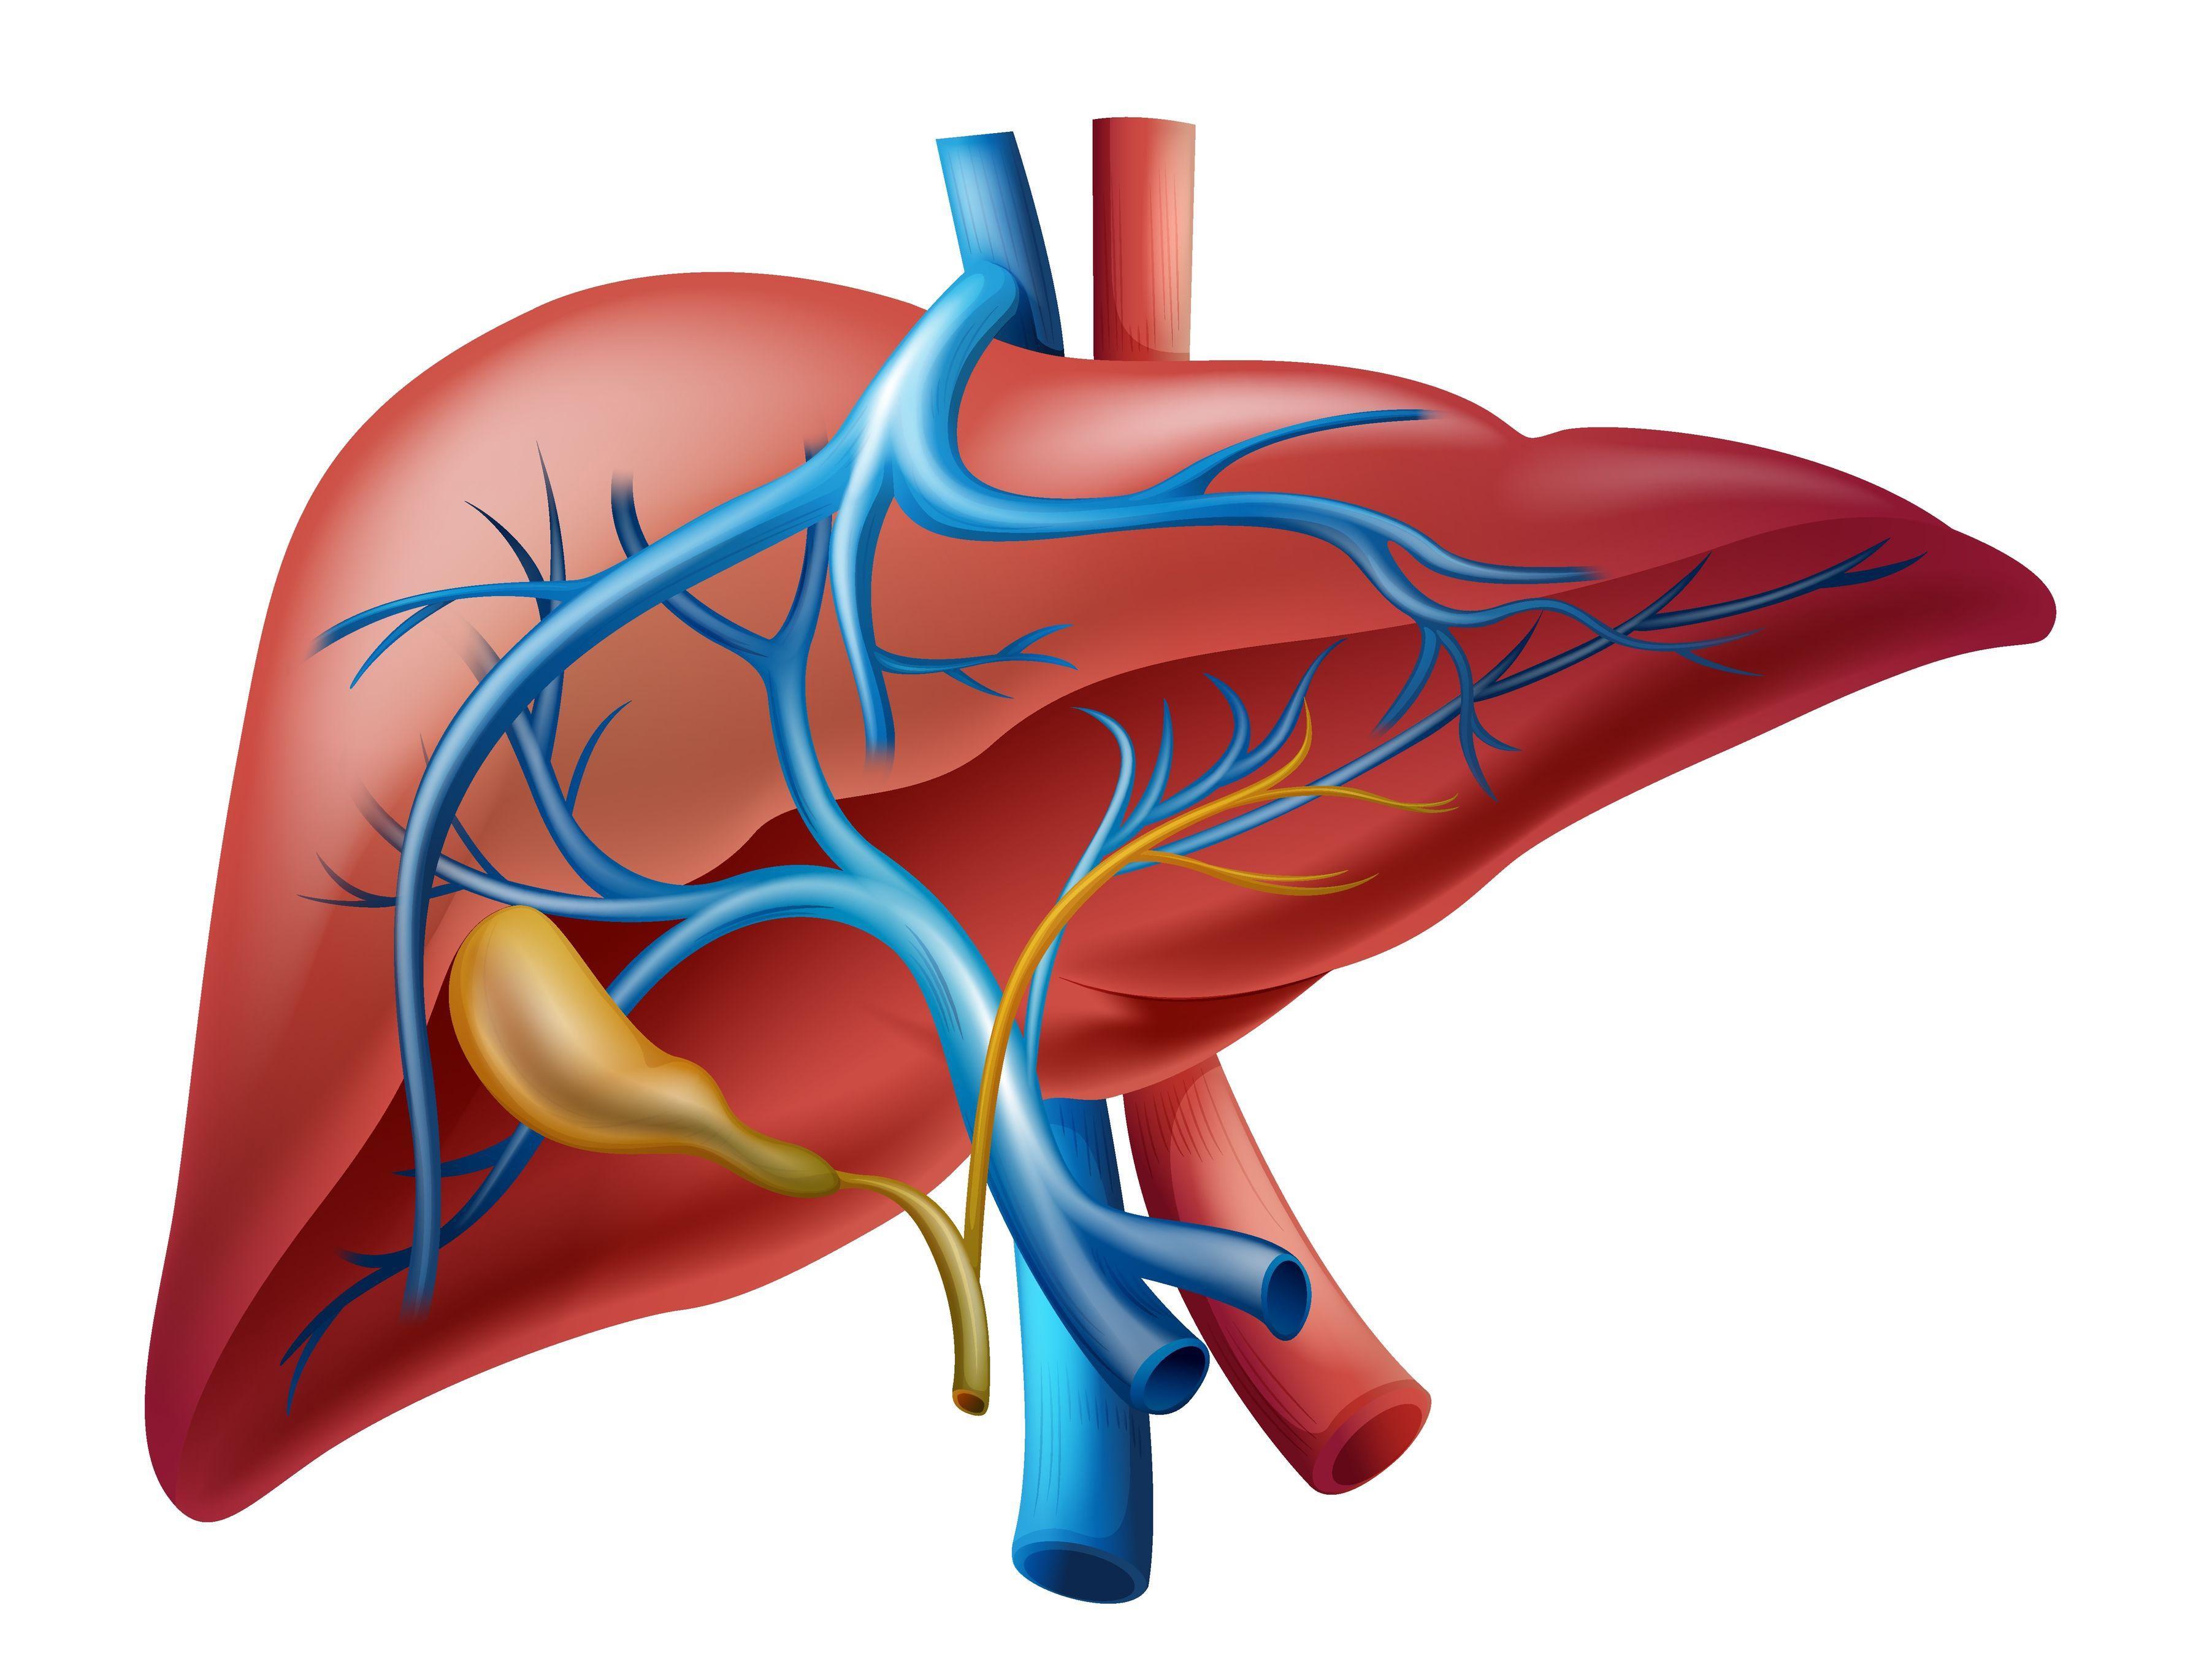 ERCP在儿童胆道疾病中的应用